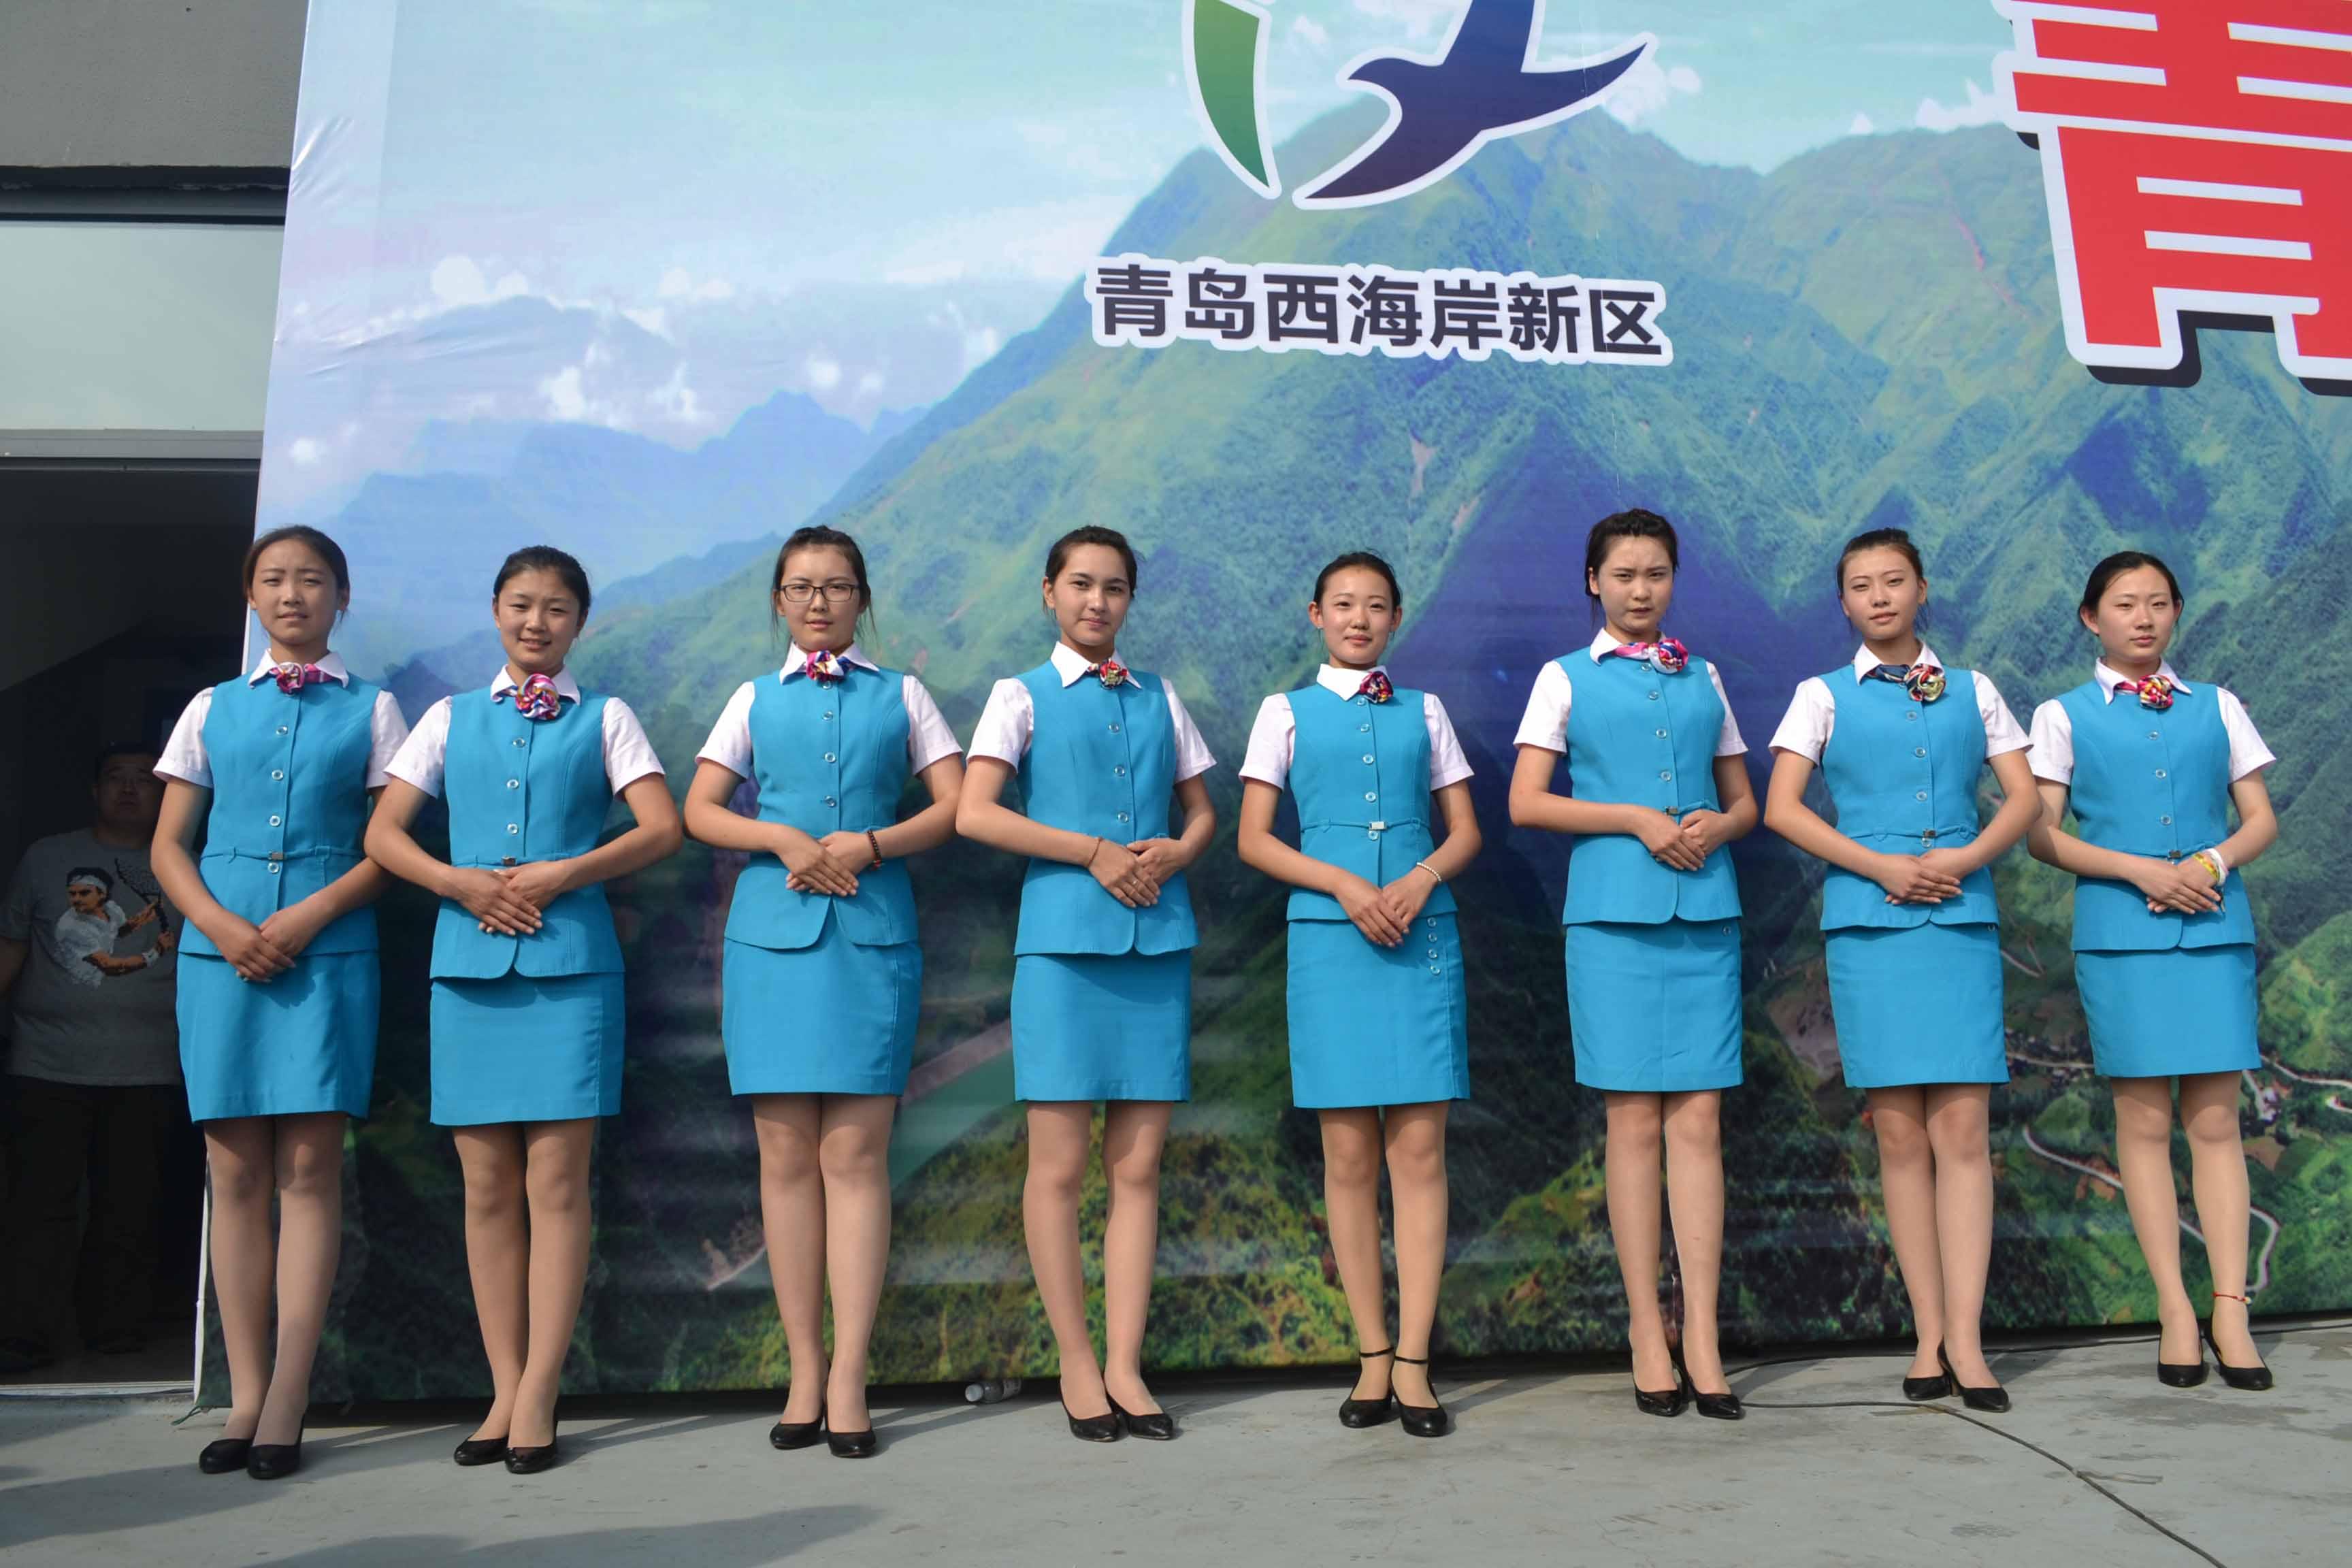 青岛航空职业技术学校就业有保障吗?